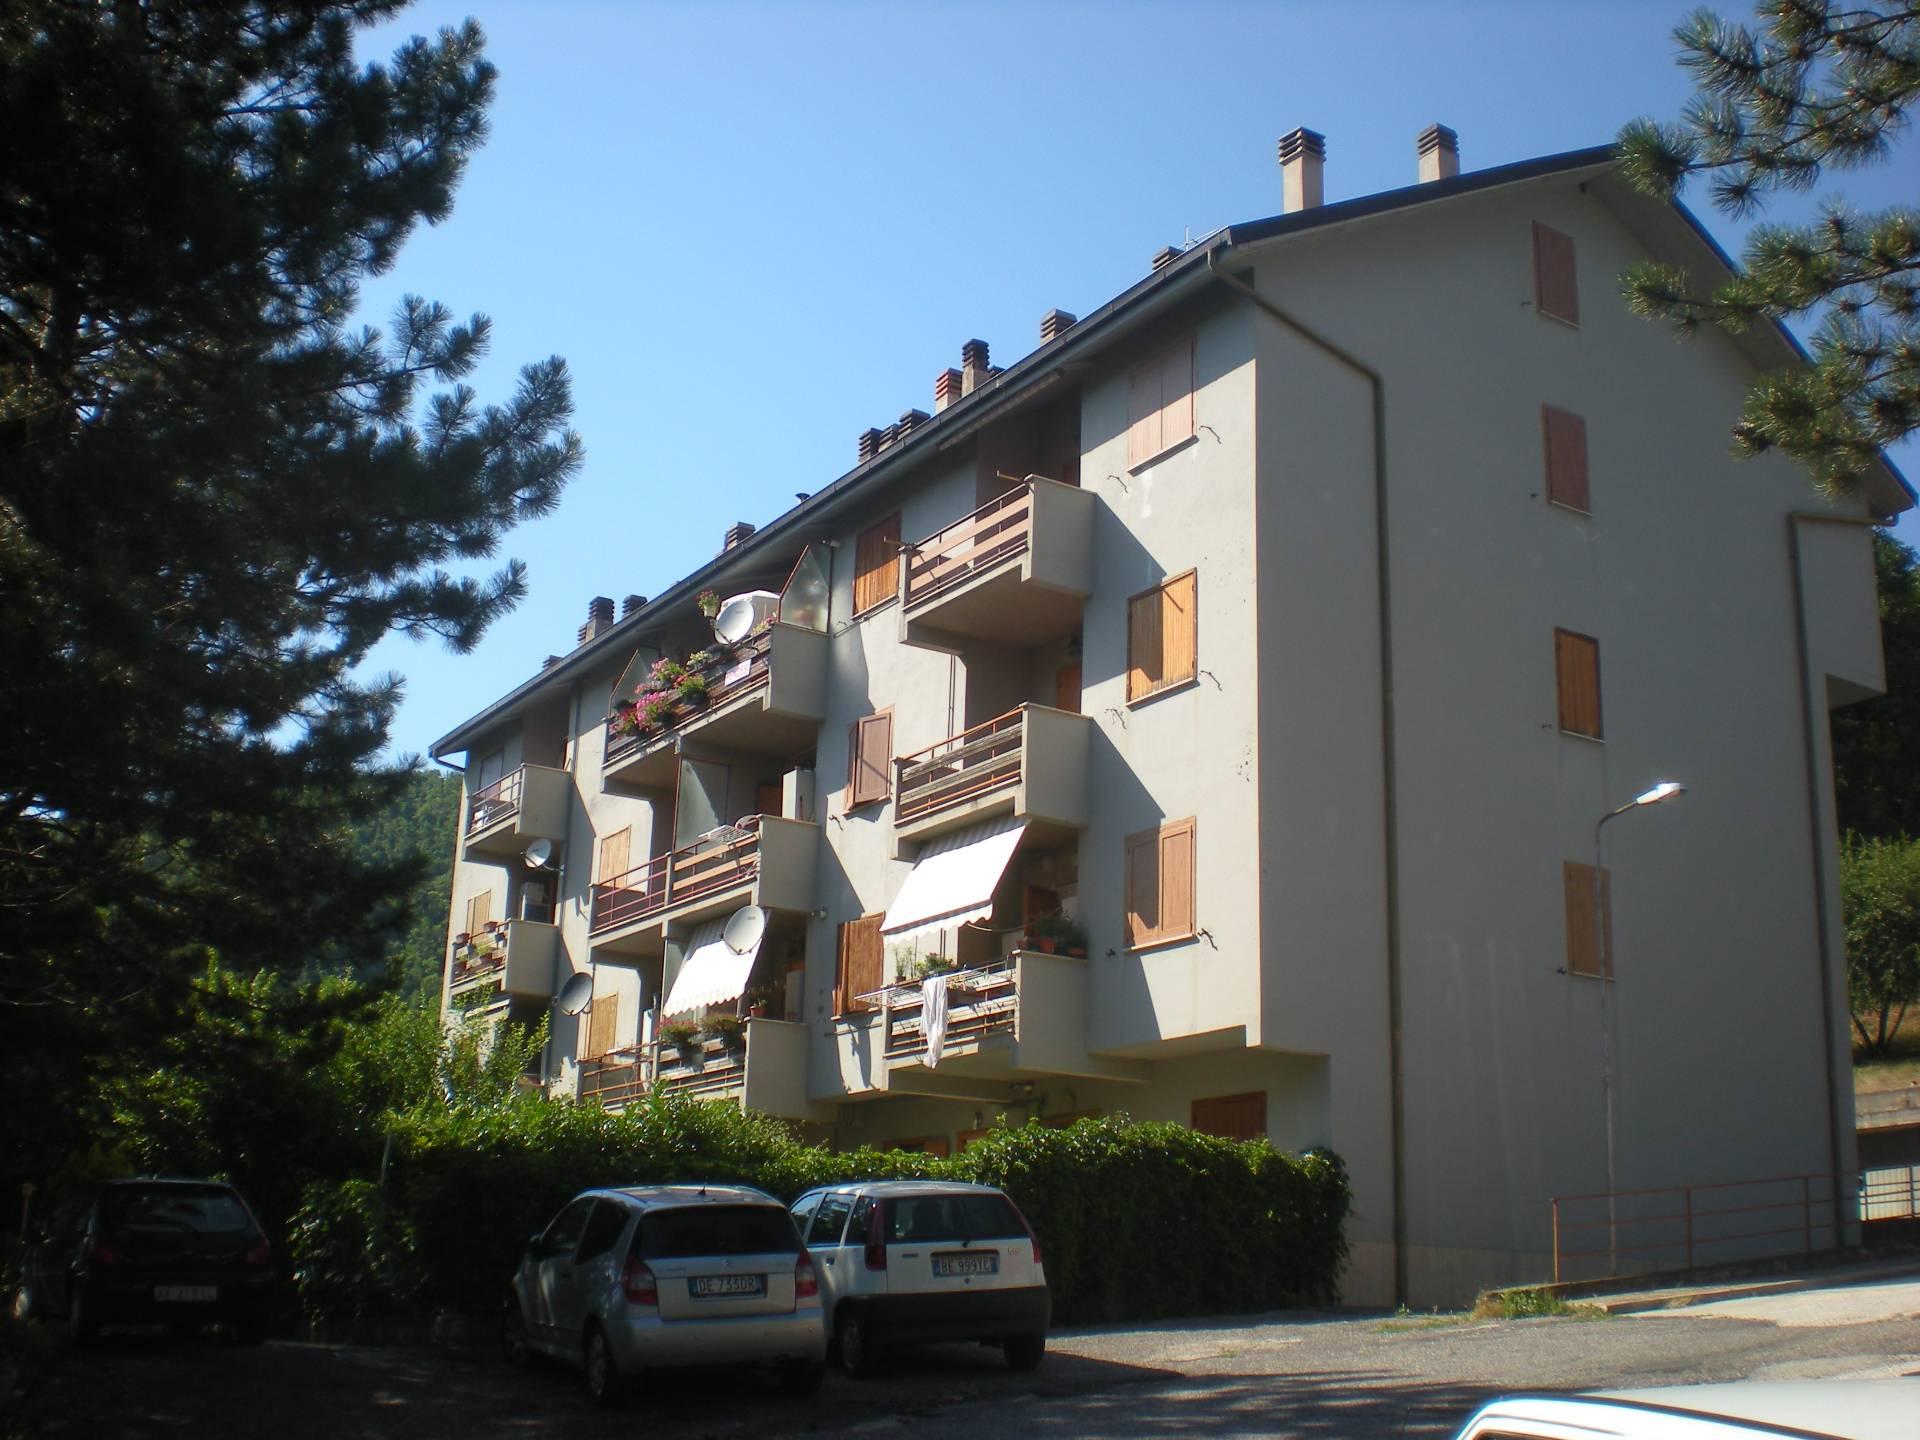 Appartamento in vendita a Cascia, 3 locali, zona Località: Cascia-Centro, prezzo € 55.000 | CambioCasa.it